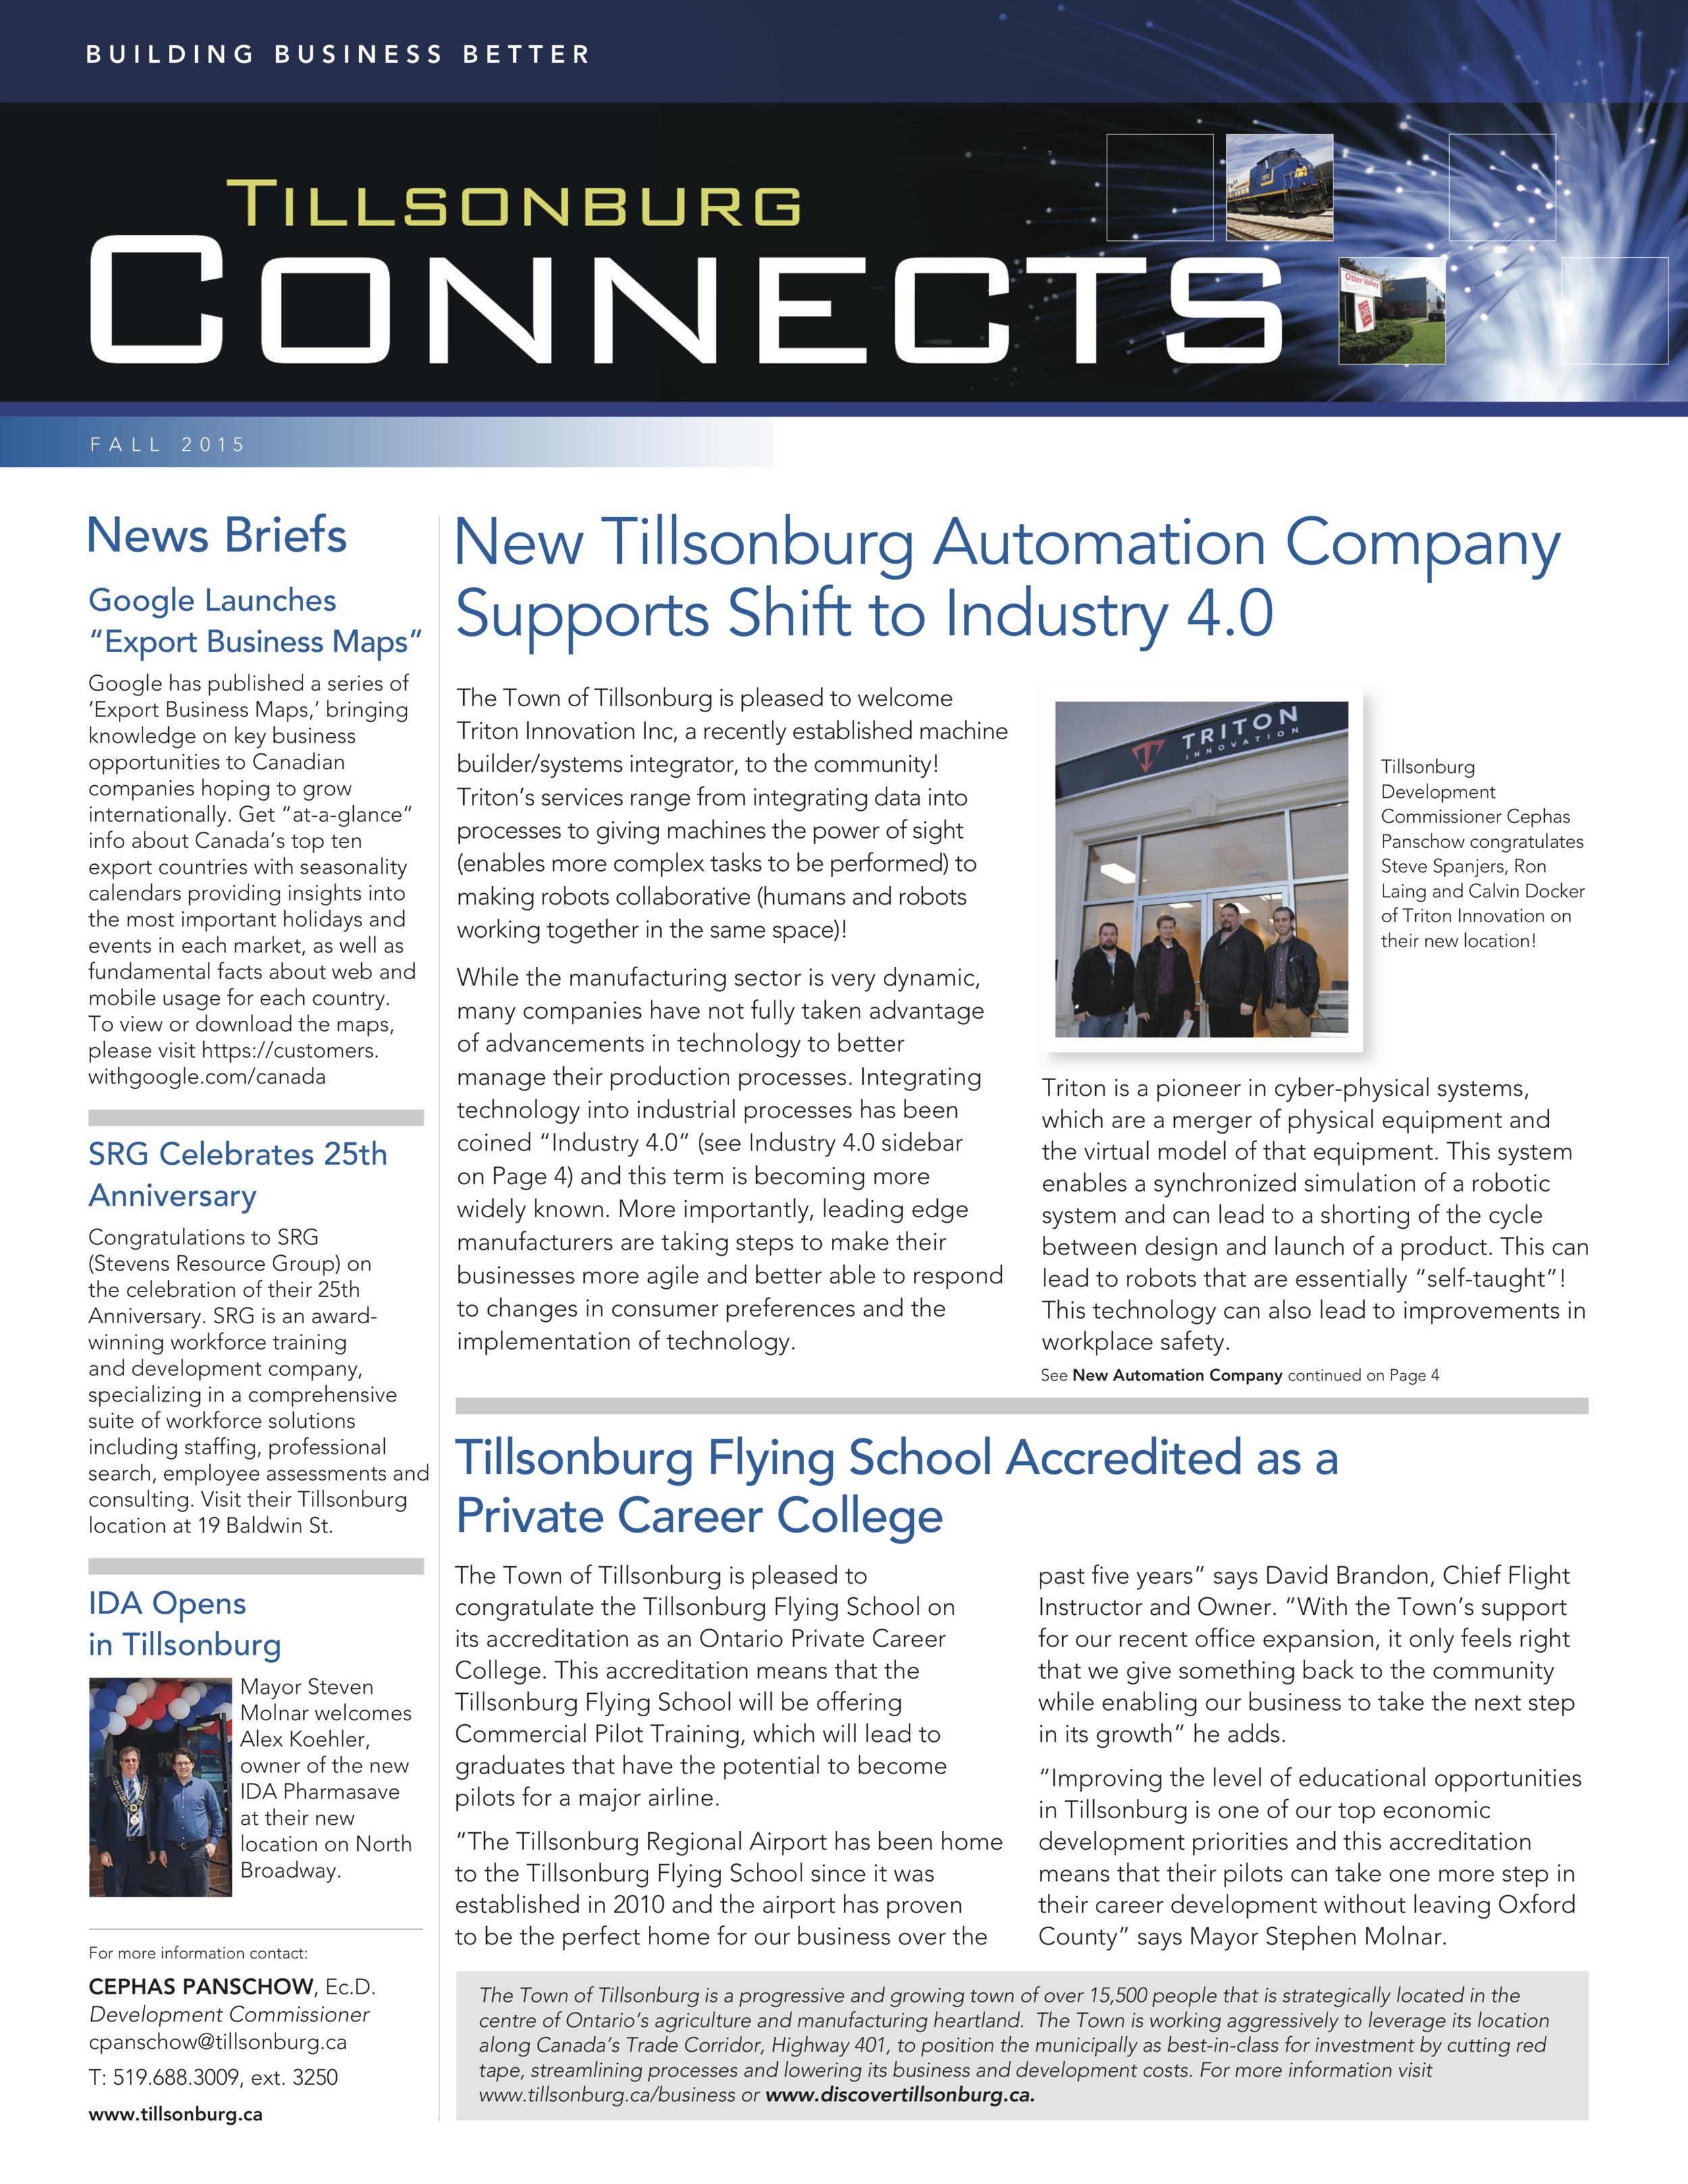 TillsonburgConnects